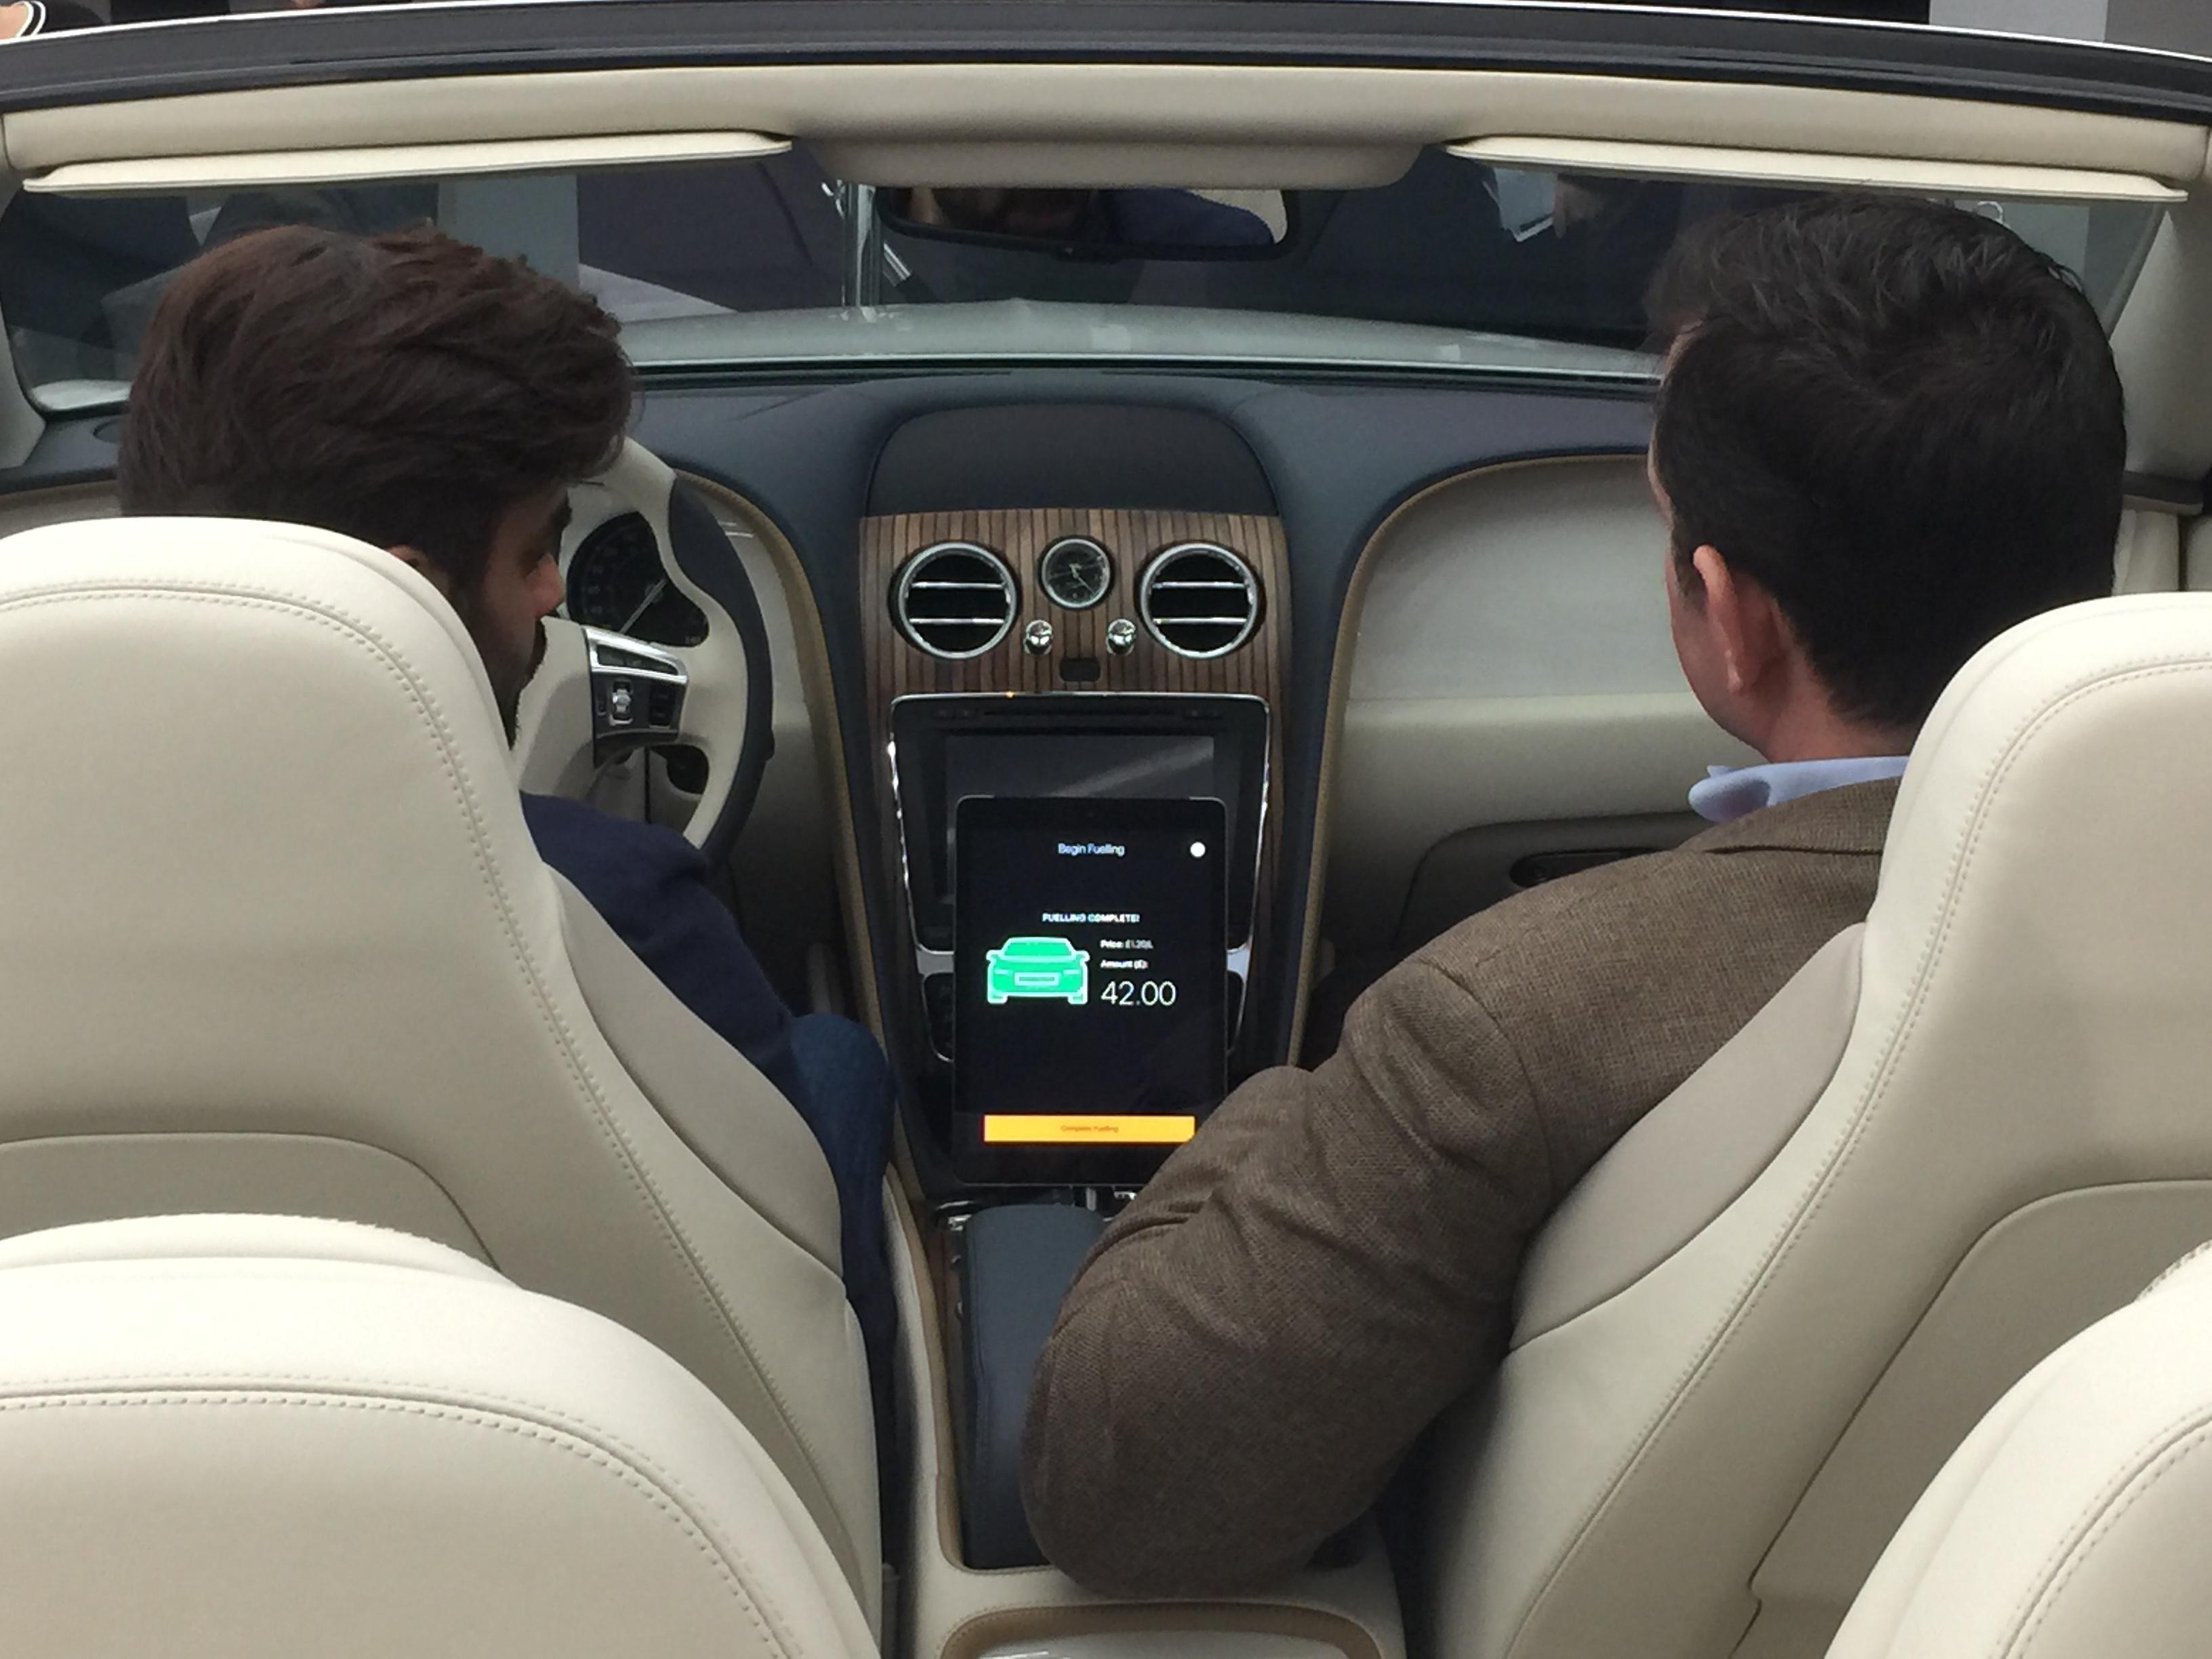 Πάνω από 300 εκατ. διασυνδεδεμένα οχήματα στους δρόμους έως το 2025